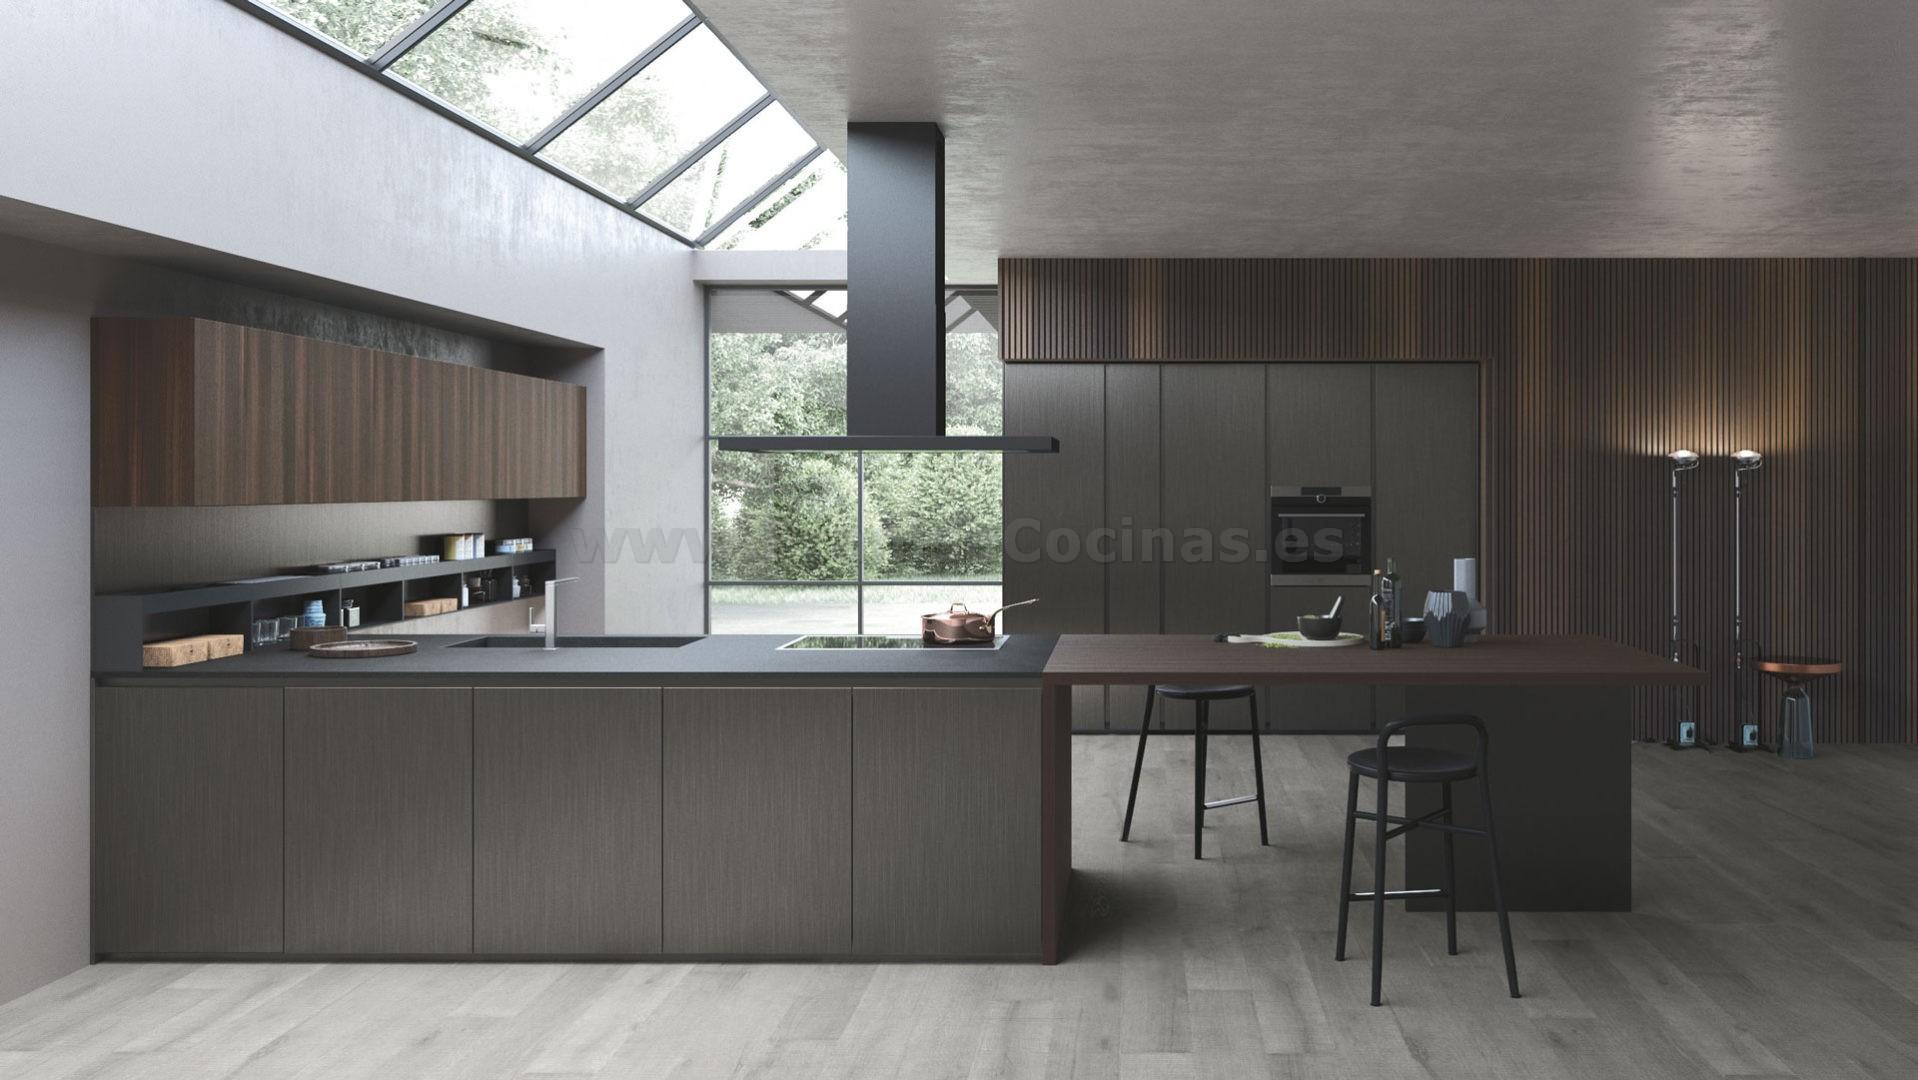 FRANISA Cocinas – Muebles de cocina, muebles de baño y armarios ...